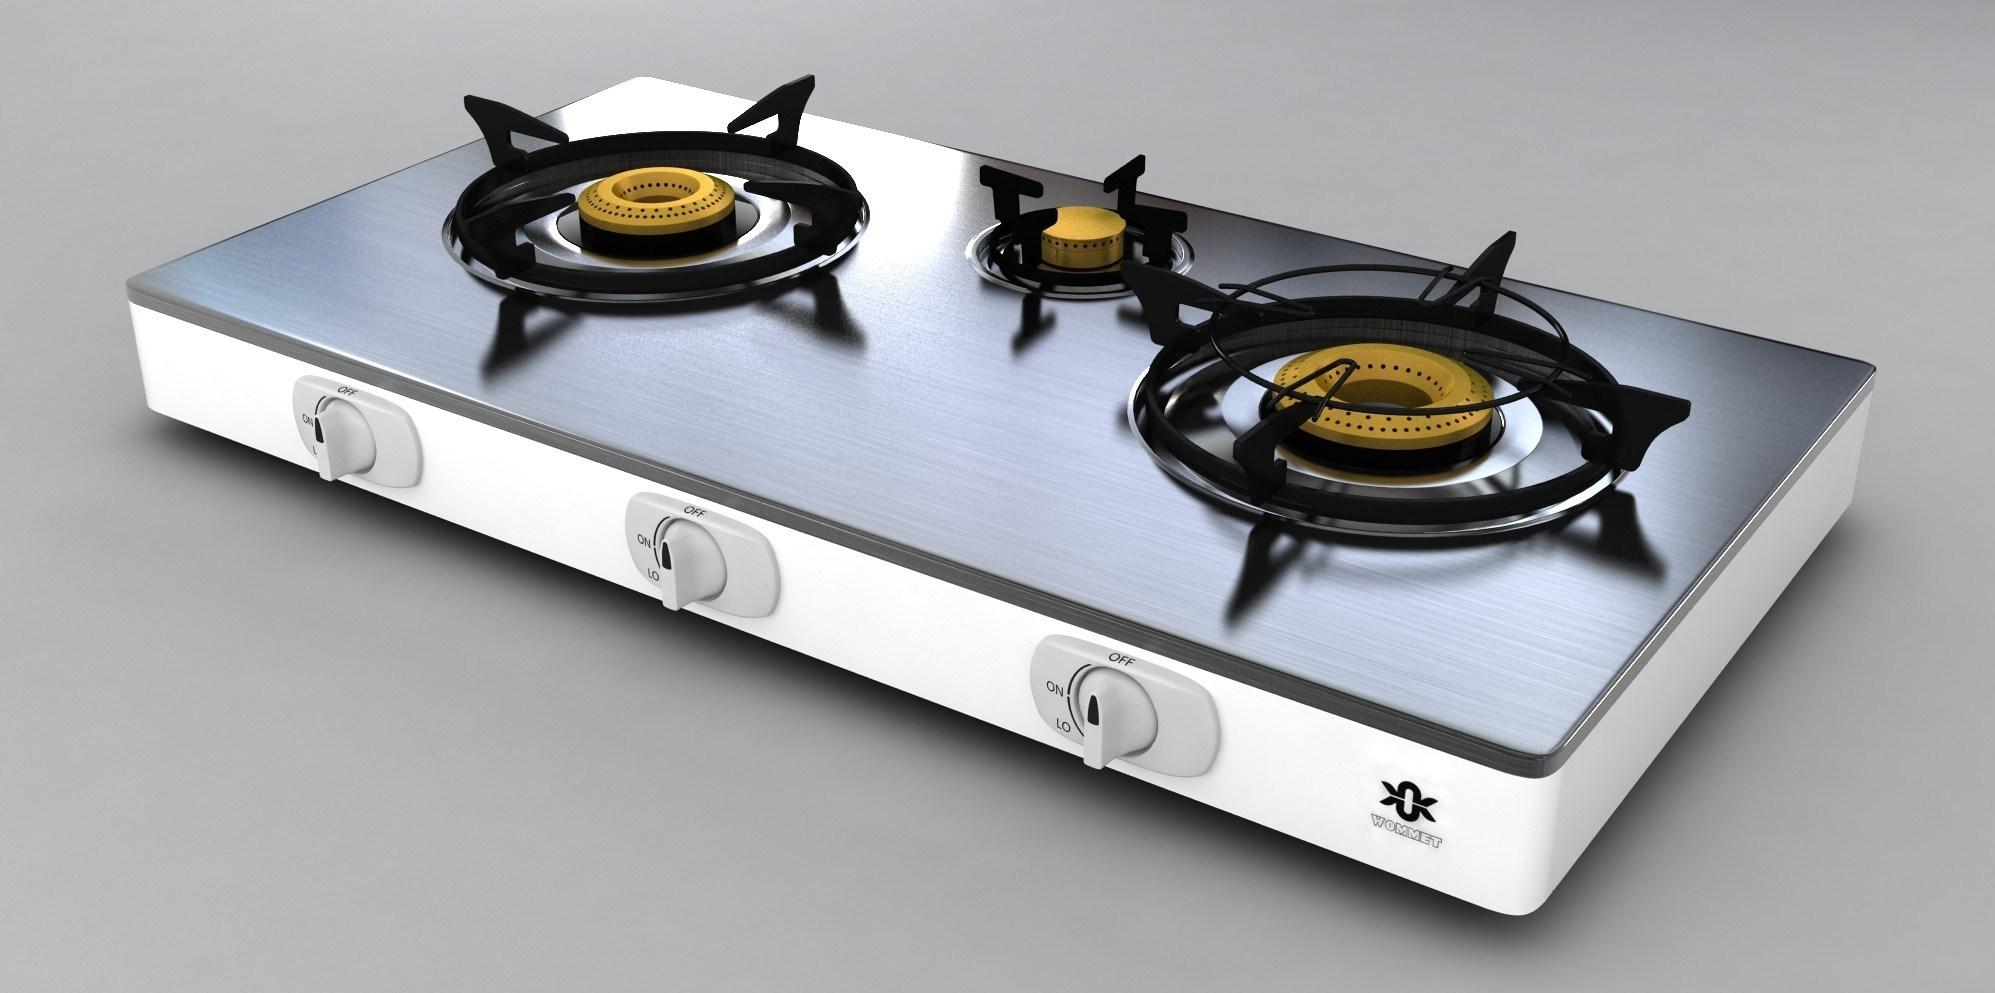 Nueva estufa de gas de la patente de dise o nueva estufa for Cocinas a gas nuevas